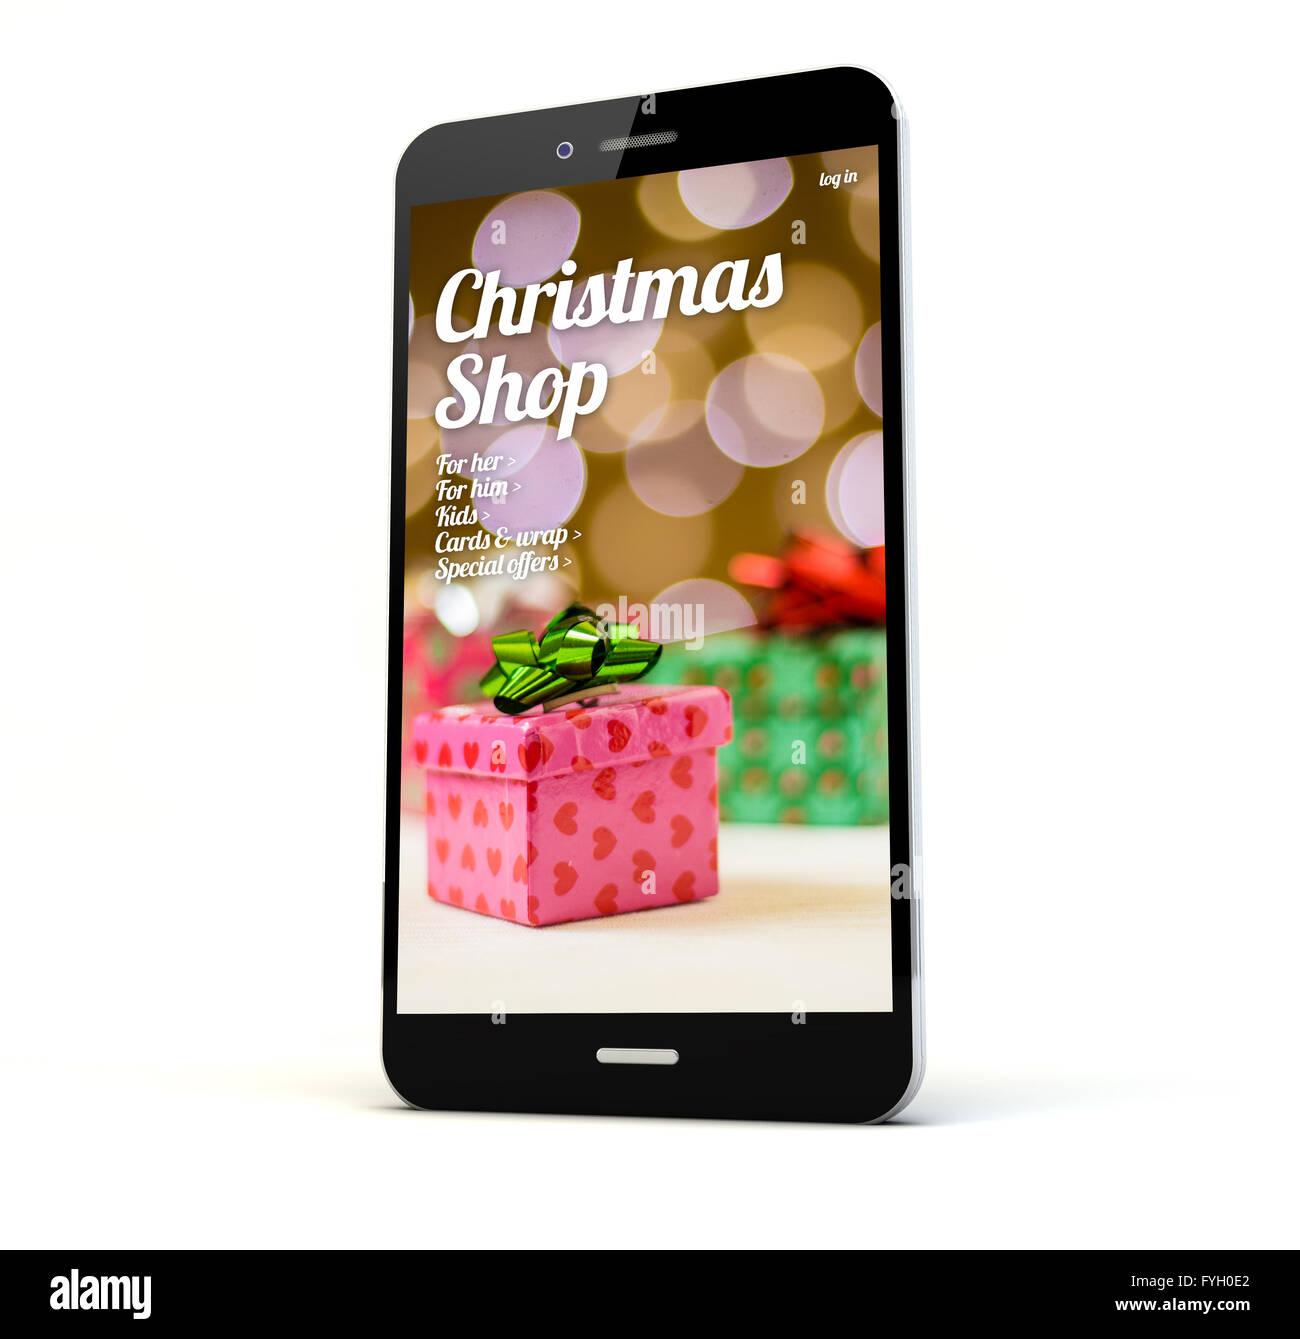 Christmas Shopping App Screen Stock Photos & Christmas Shopping App ...